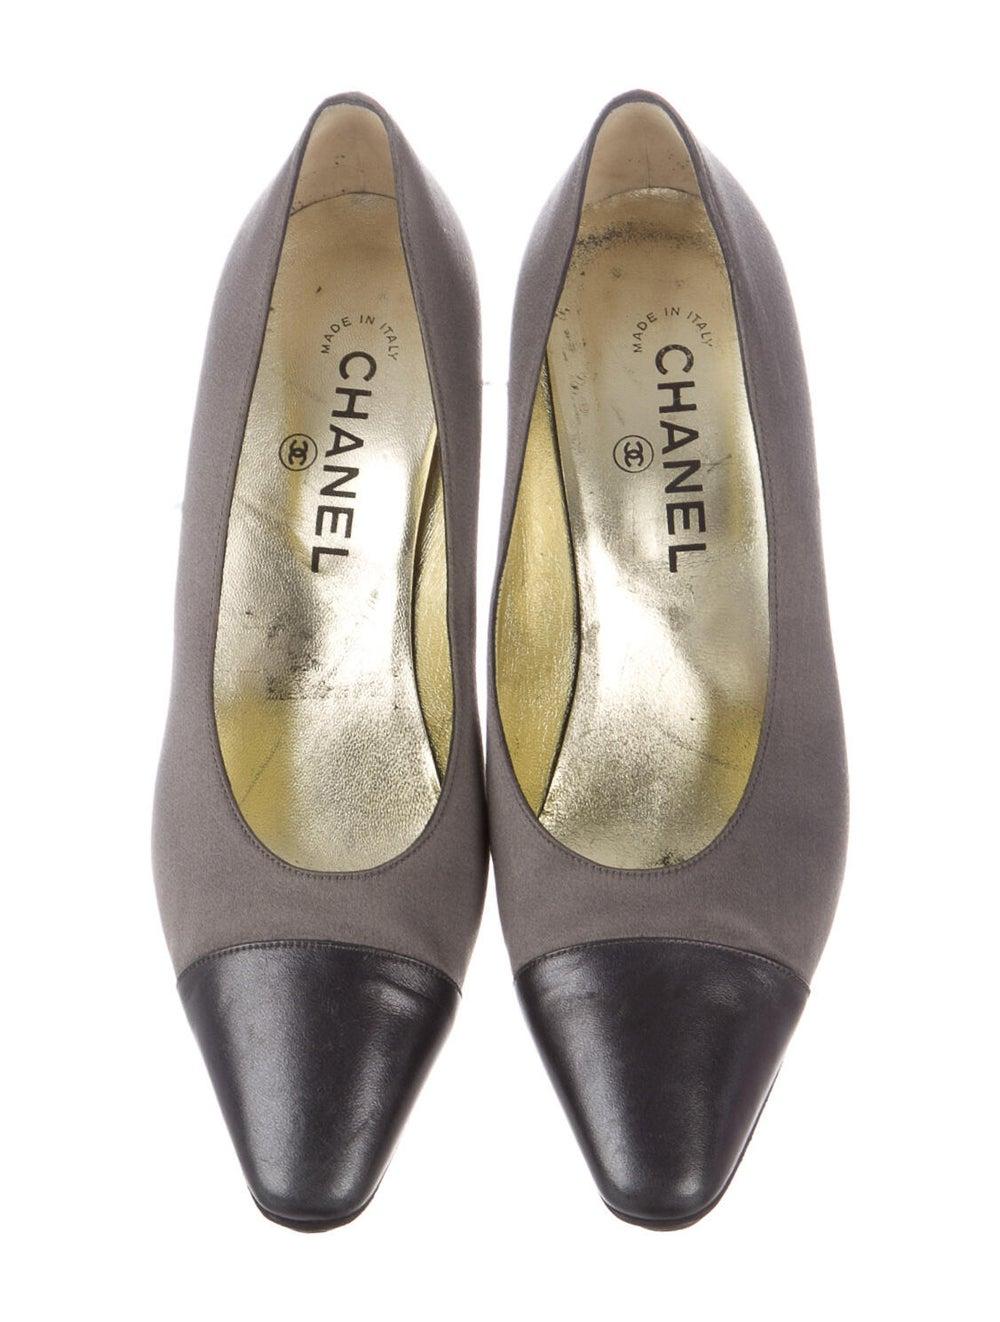 Chanel Cap Toe Pumps Pumps Grey - image 3